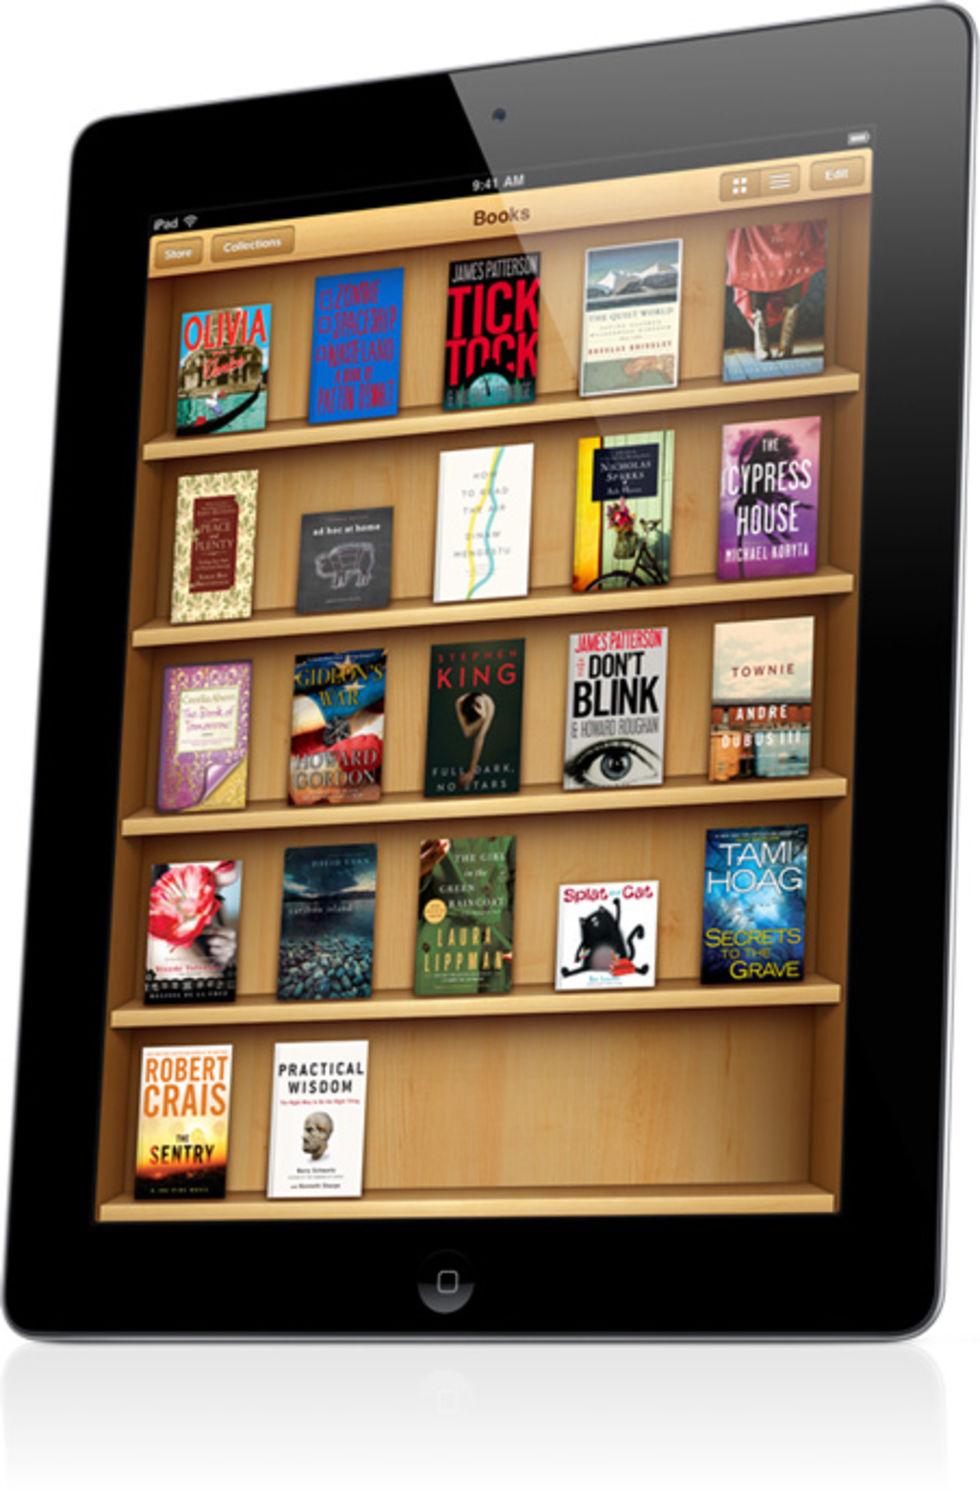 350 000 textböcker nedladdade från iBook Store på tre dagar